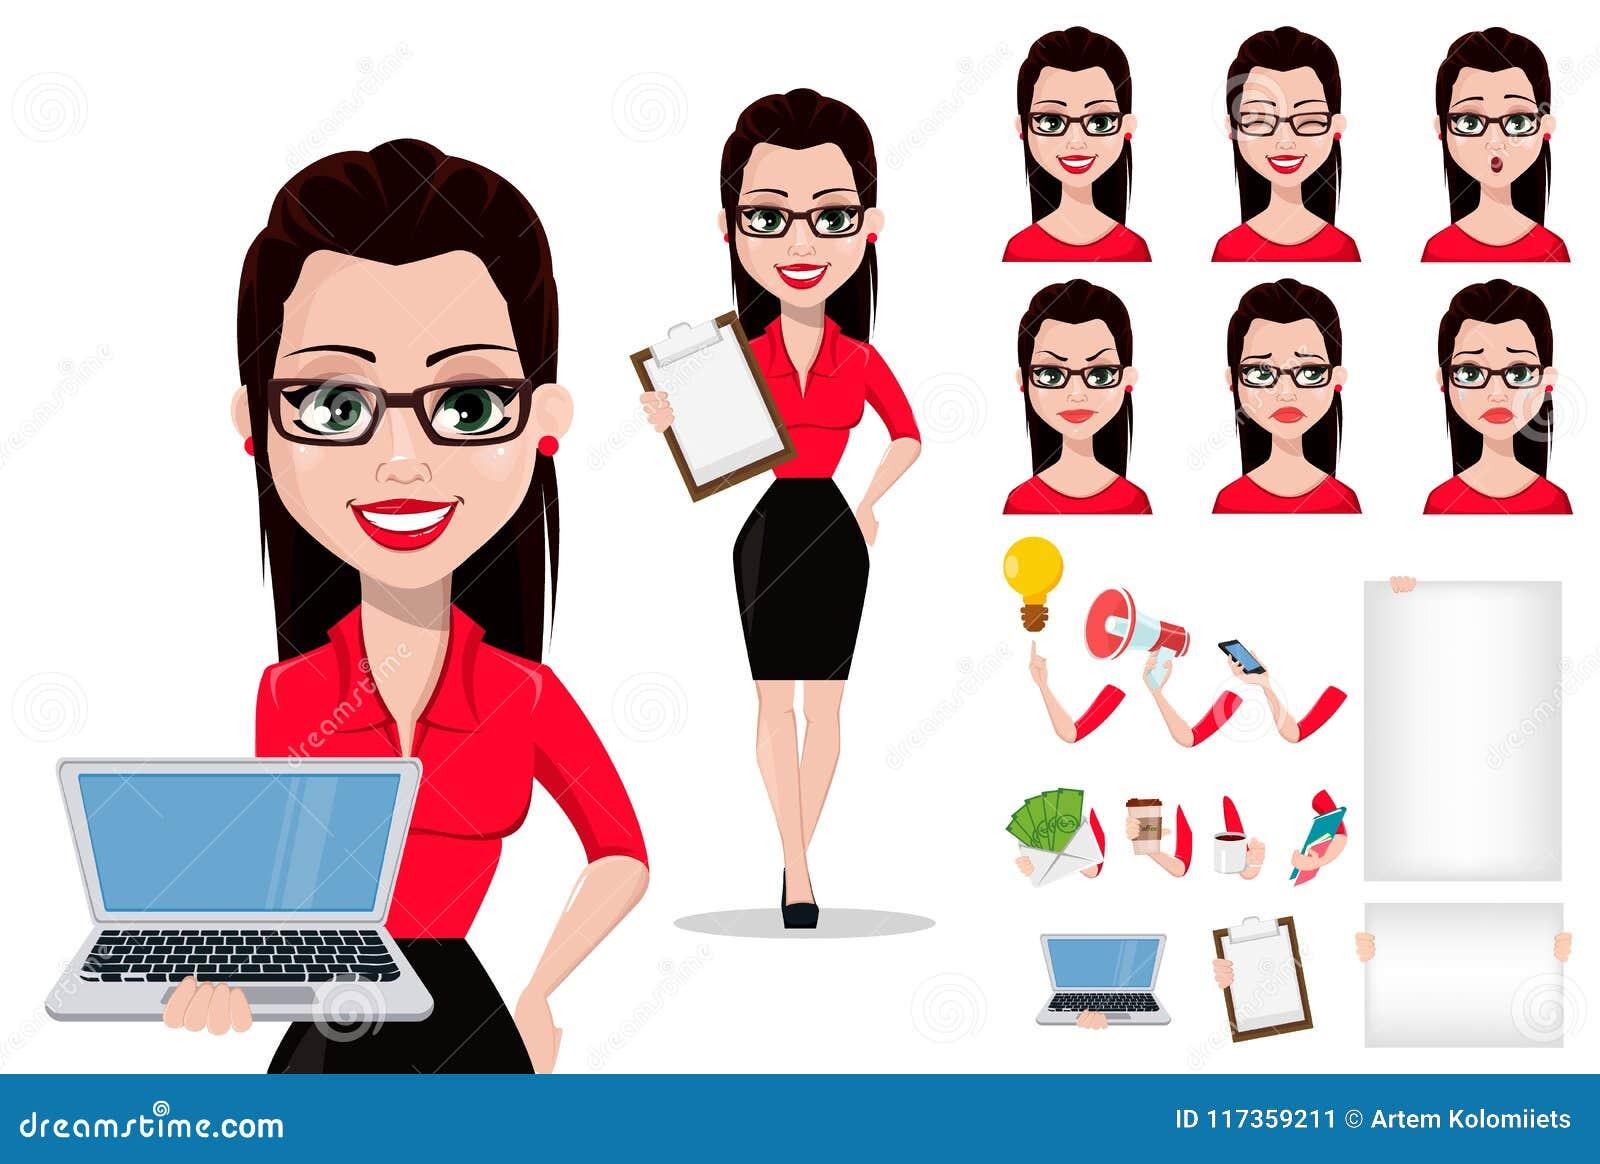 Secrétaire dans des vêtements de style de bureau